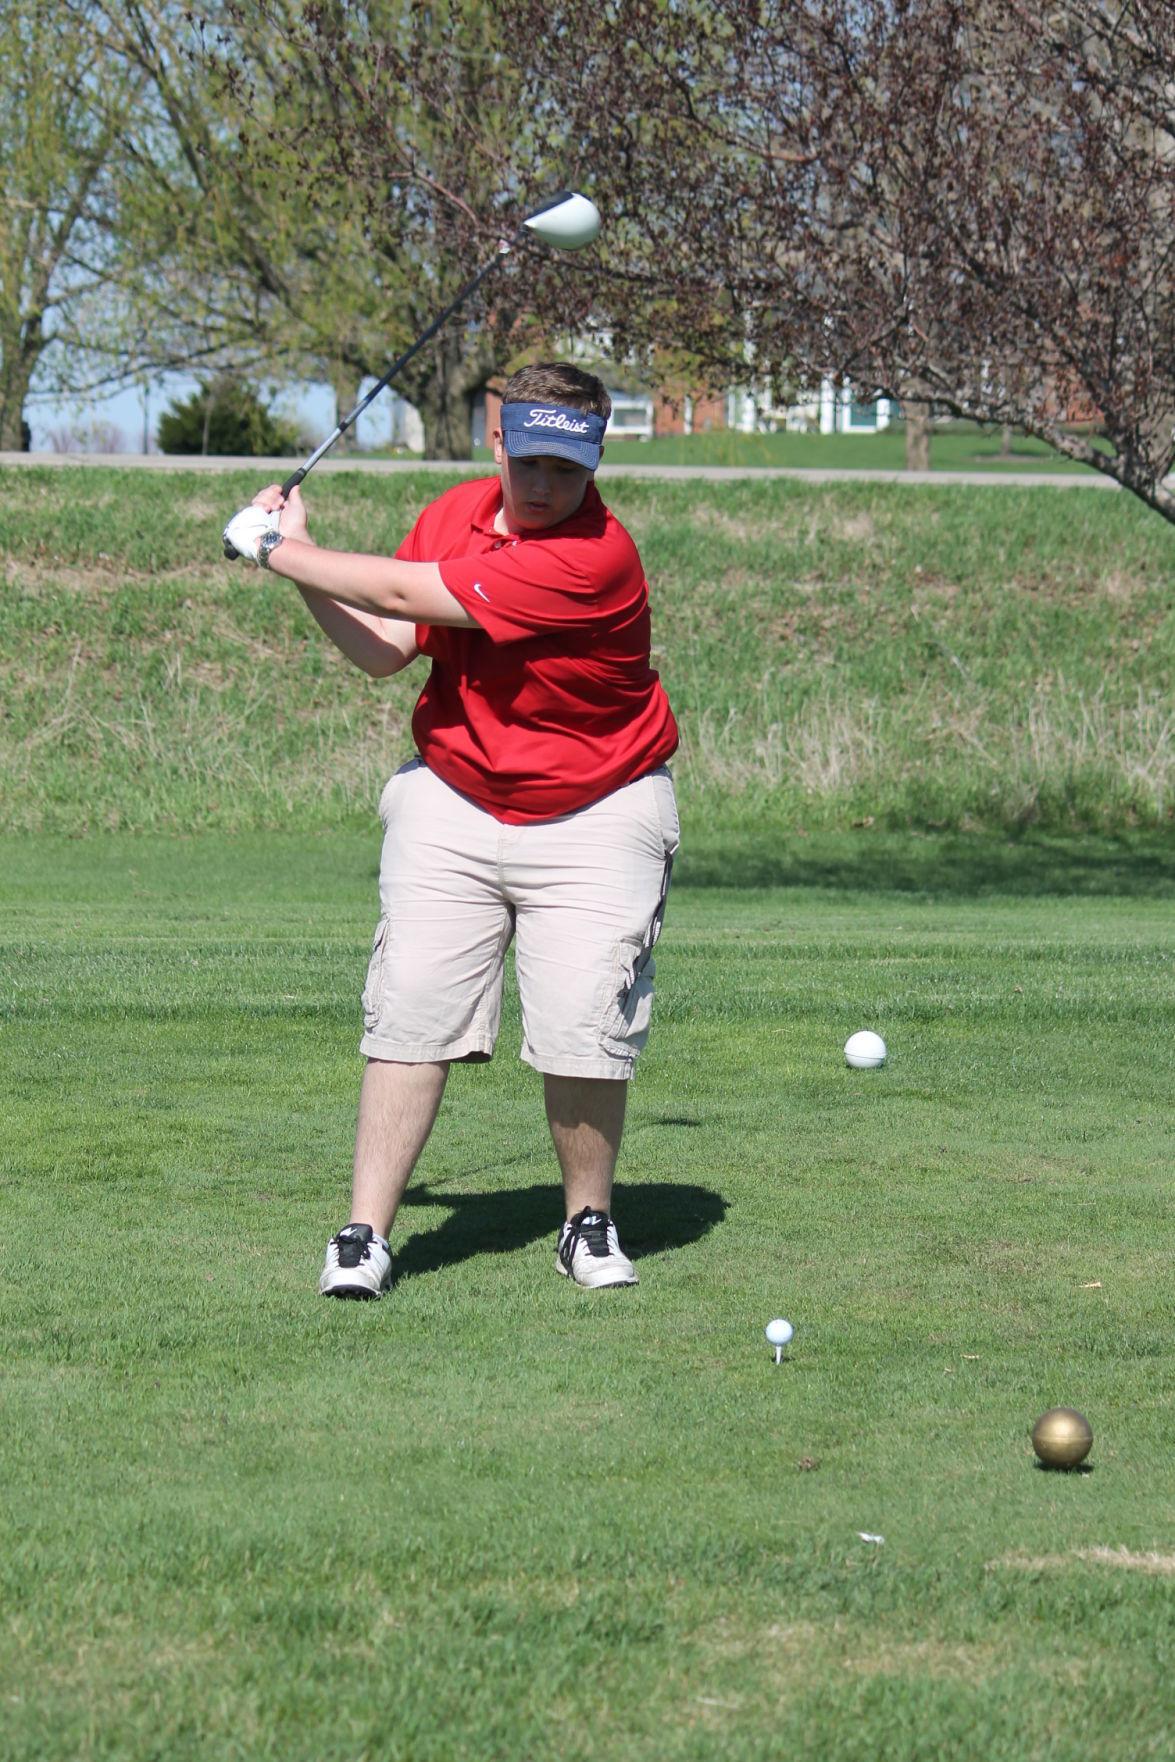 golf meet at britt 5-7-18 002.JPG